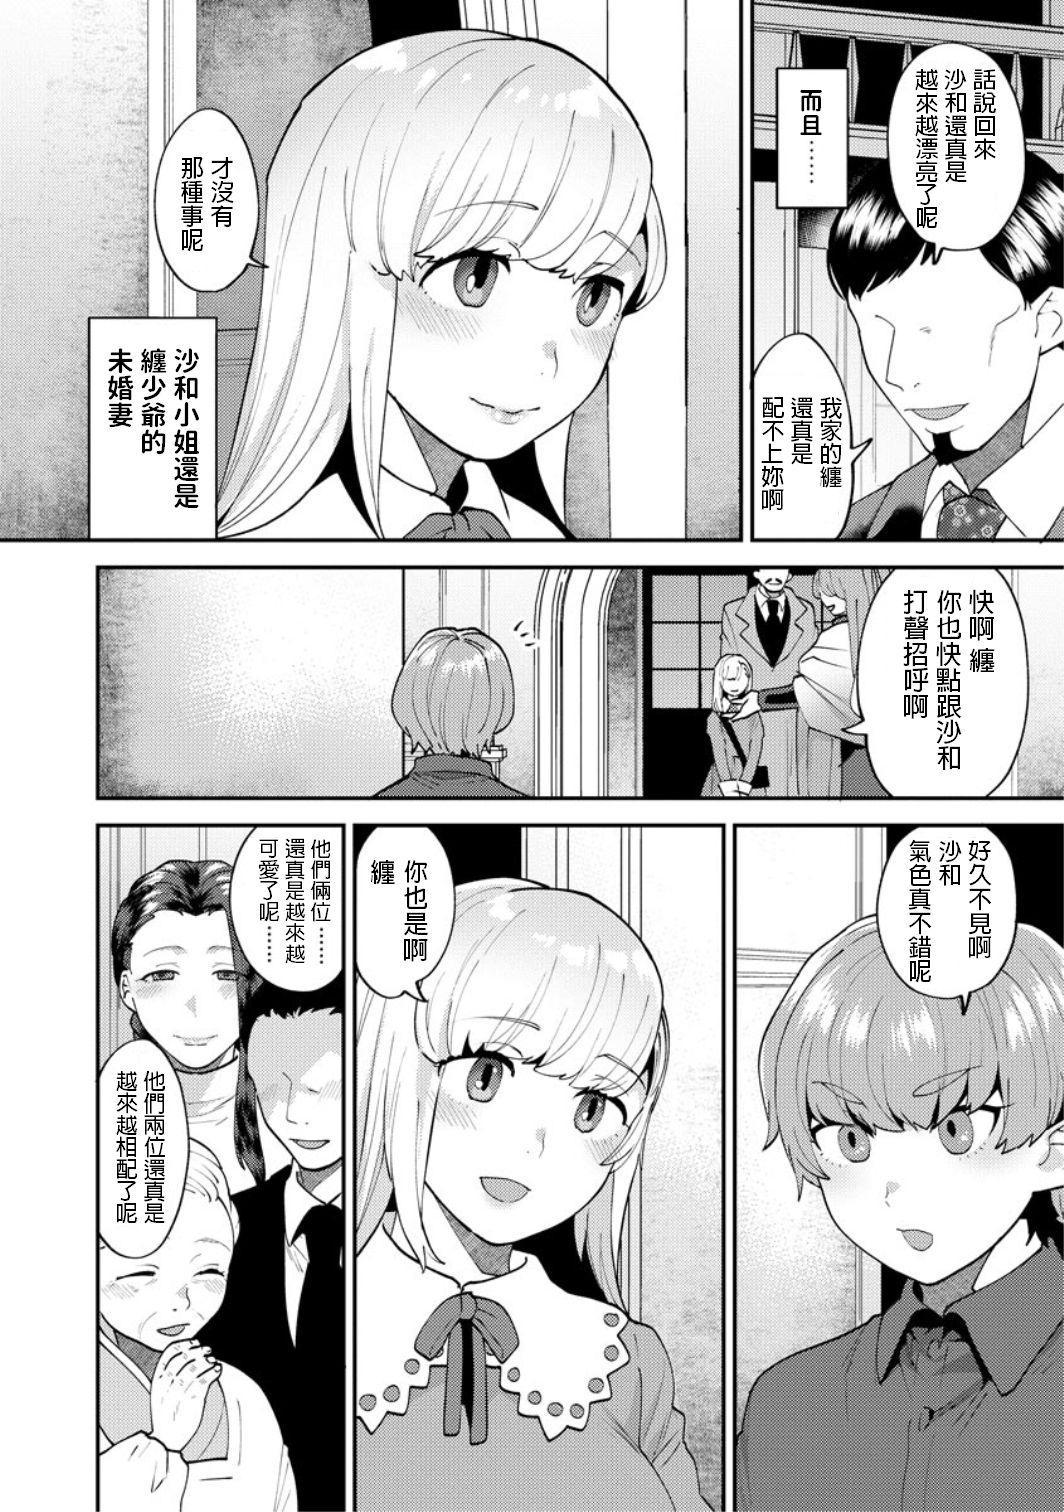 [Mogiki Hayami] Mayugomori ~Neeya to Boku no Midara na Himegoto~ Ch. 4 (Magazine Cyberia Vol. 132) [Chinese] 3